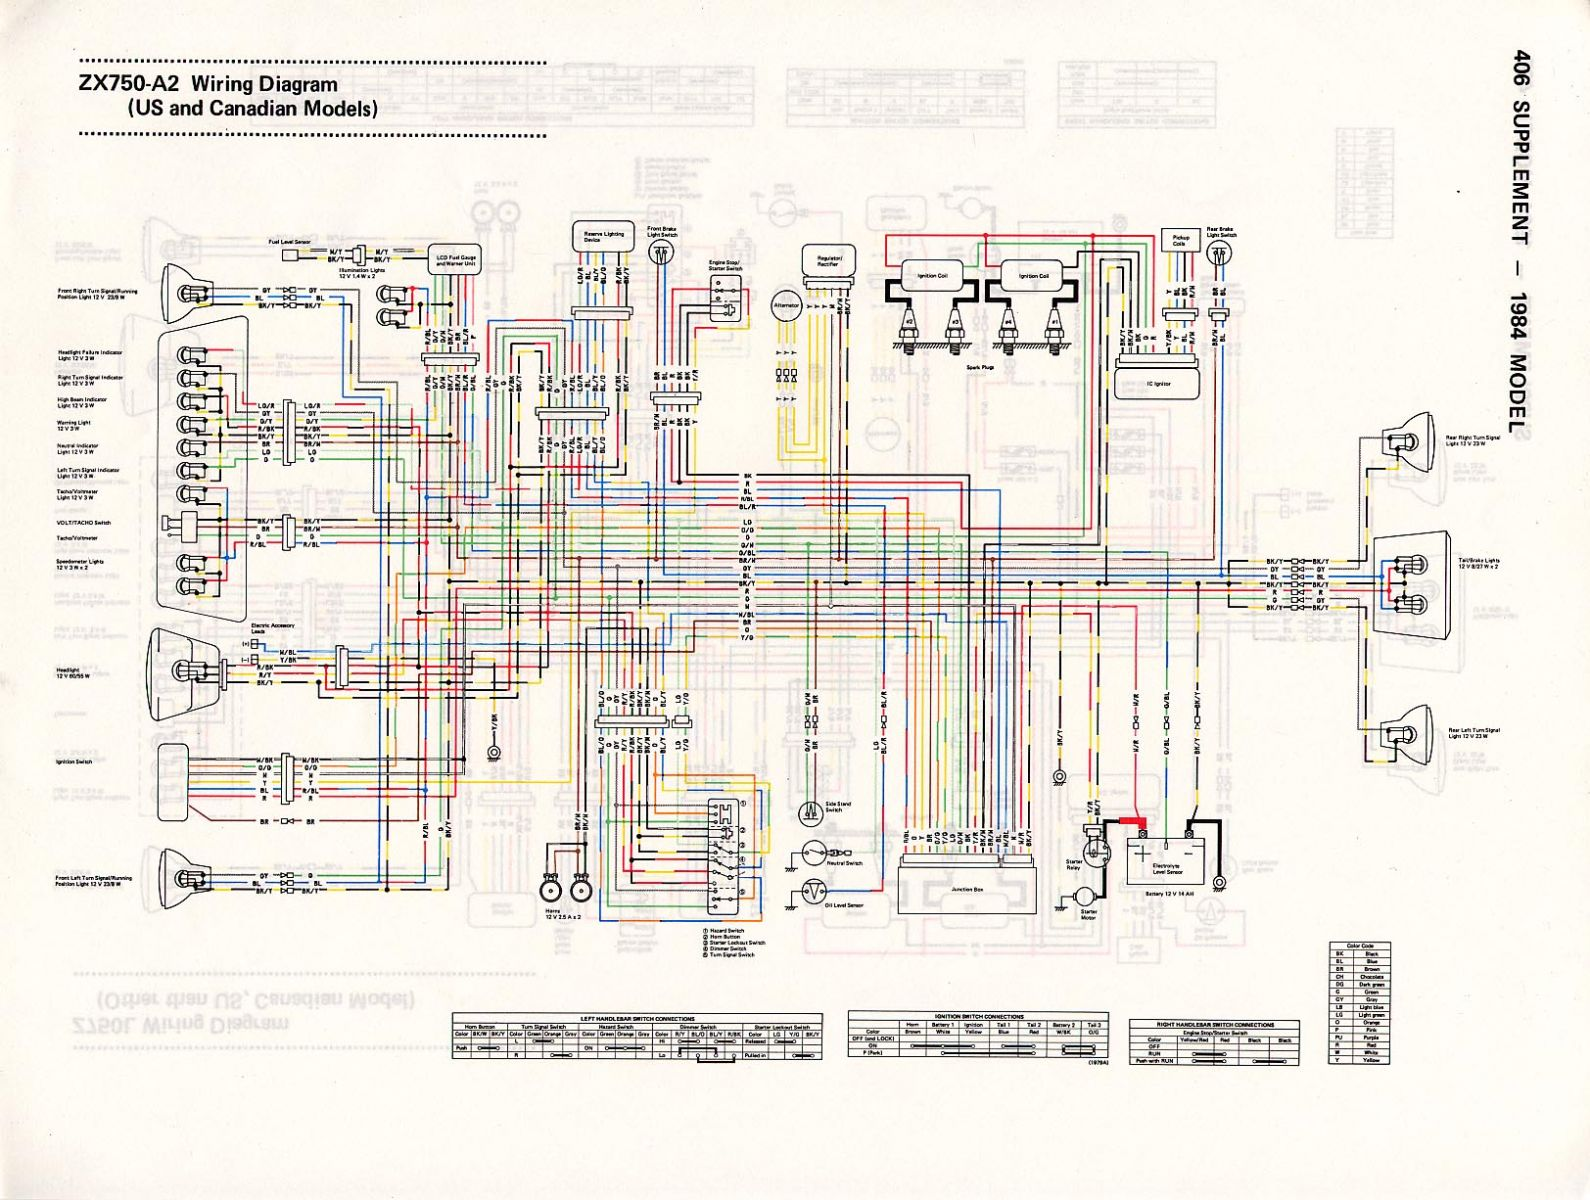 kawasaki h2 wiring diagram wiring diagram kawasaki brute force 750 wiring diagram kawasaki 750 wiring diagram #14